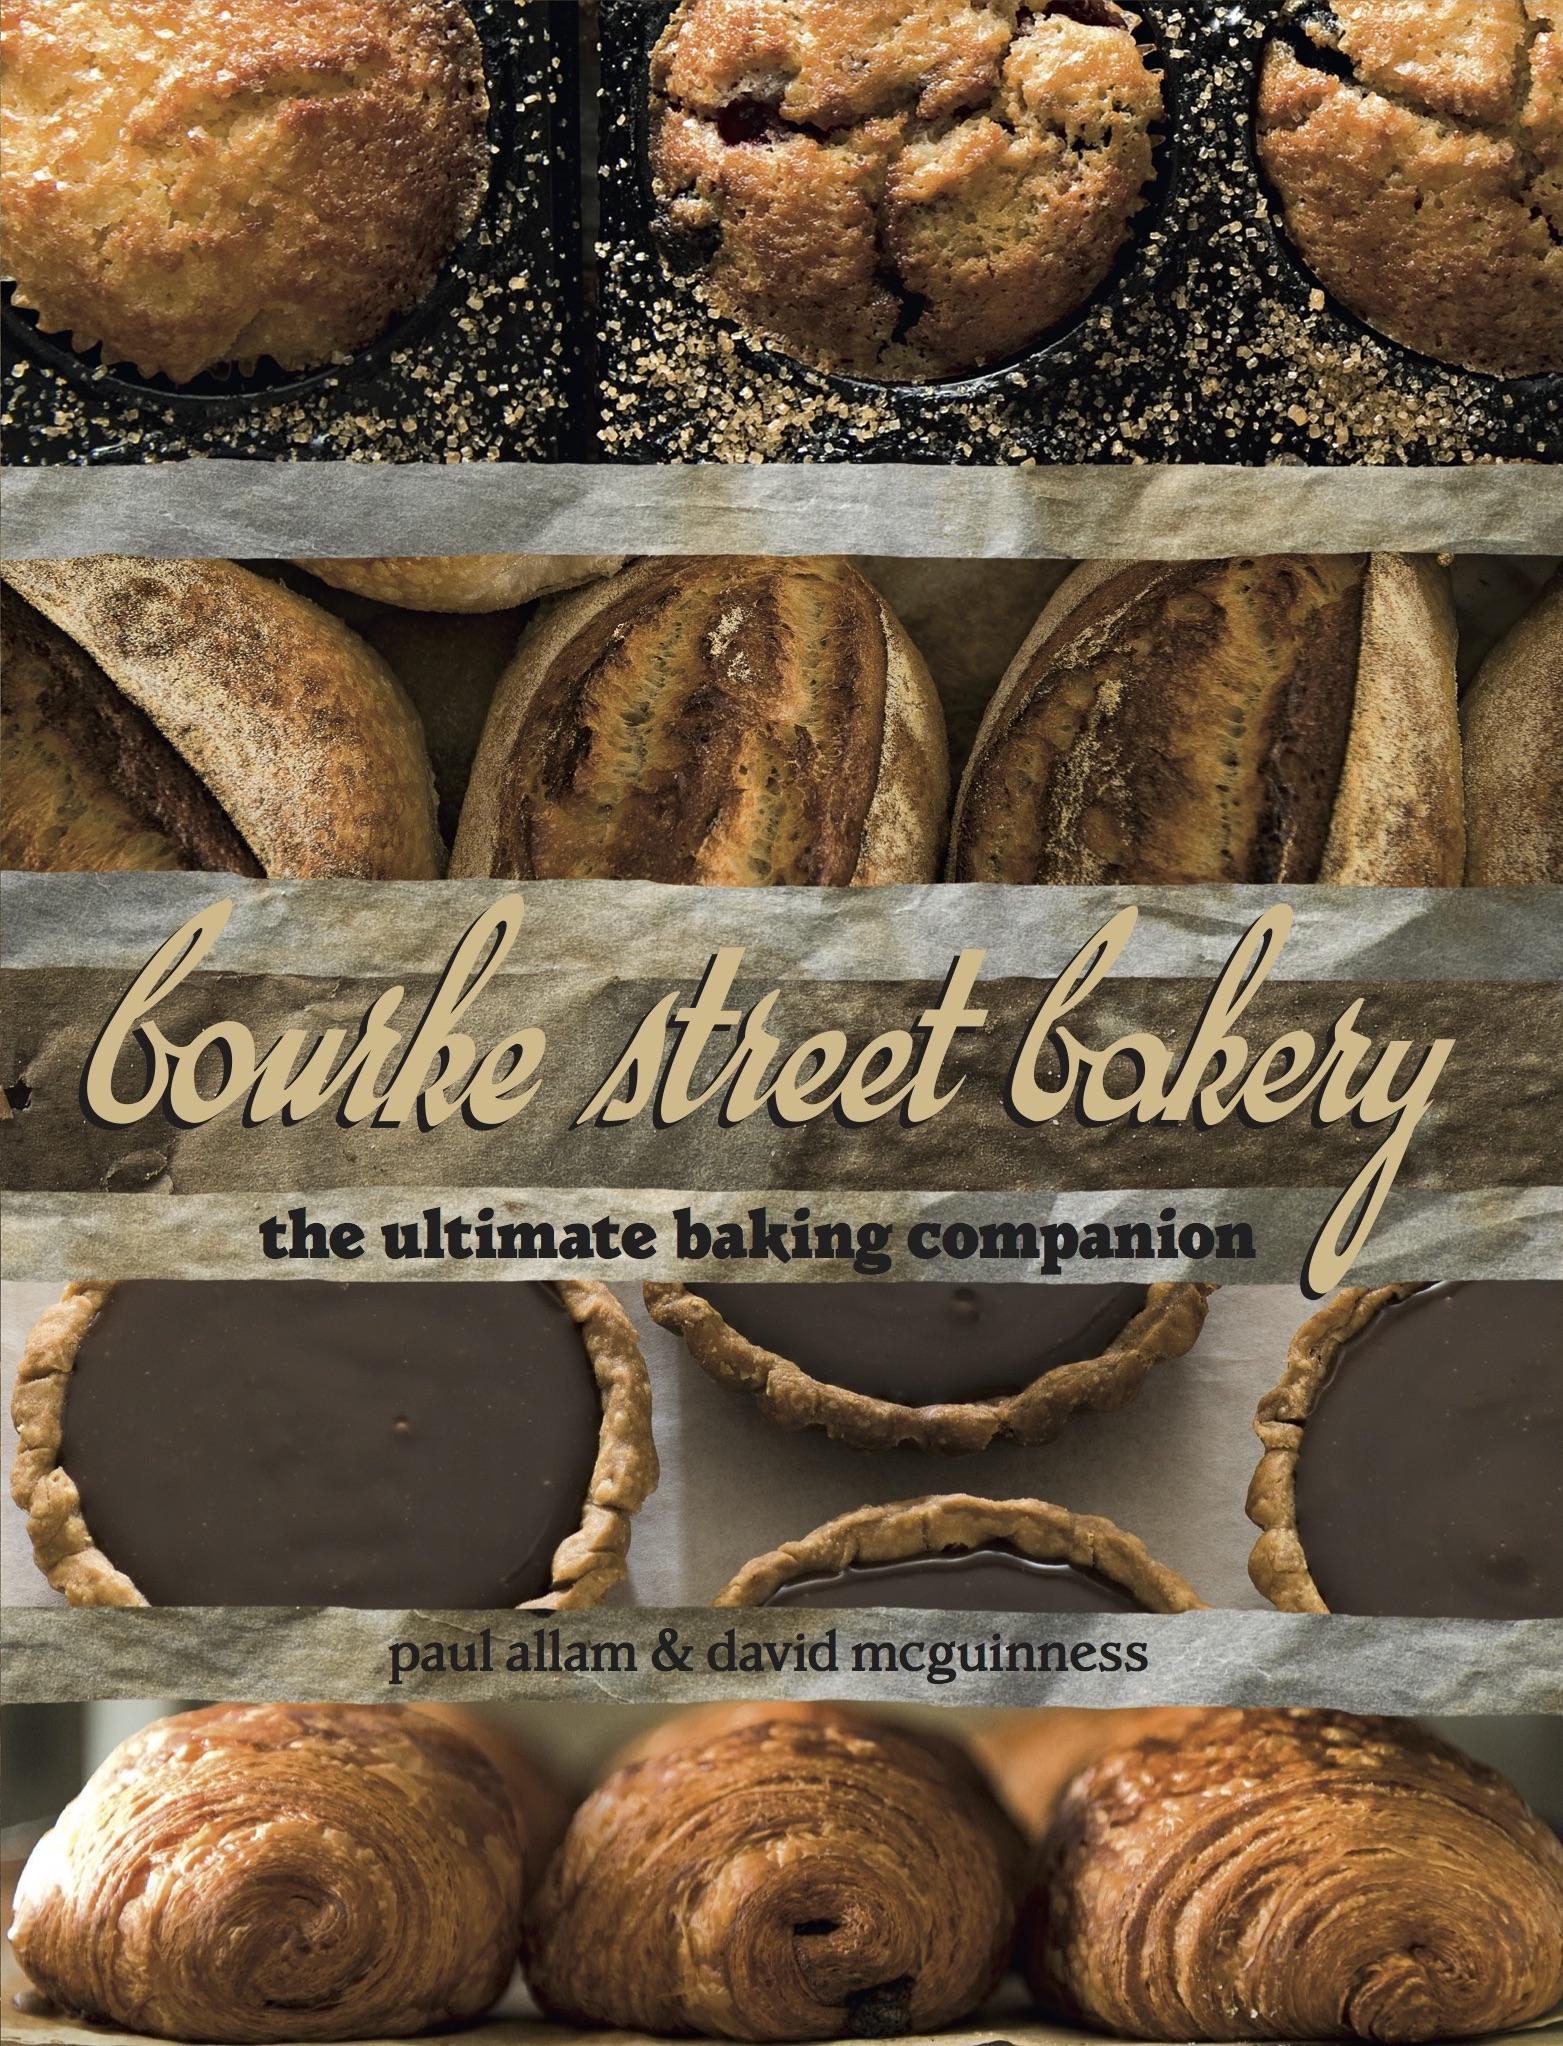 Bourke Street Bakery.jpg